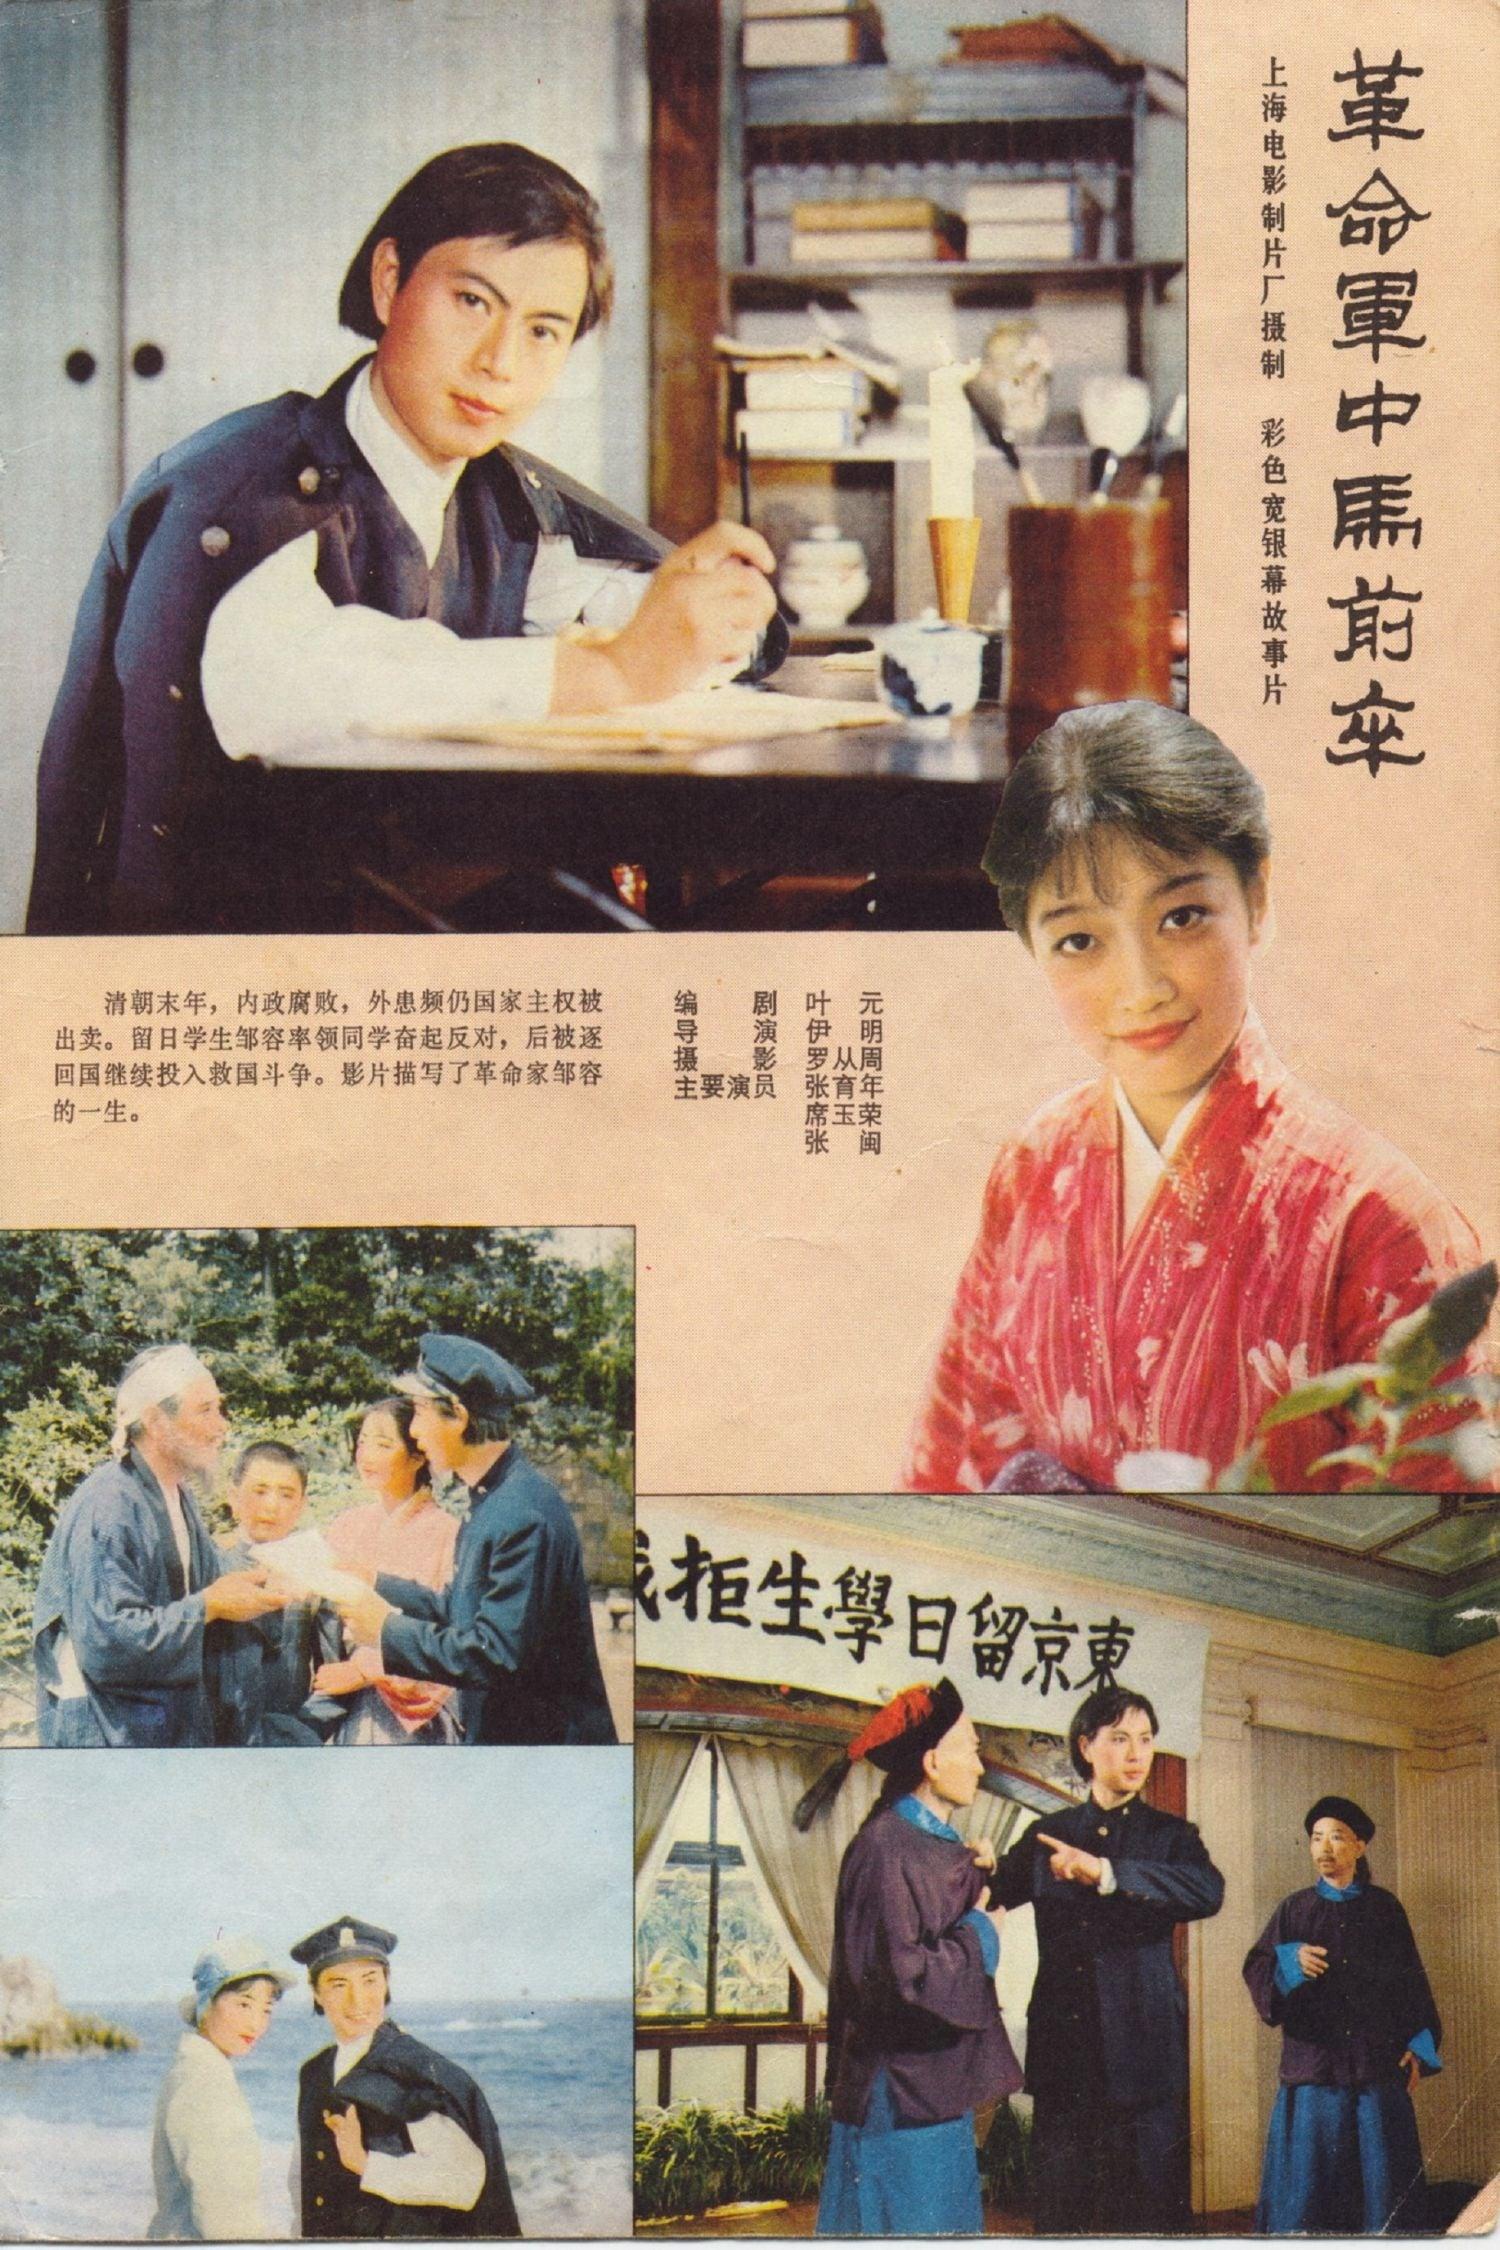 Ge ming jun zhong ma qian zu (1981)